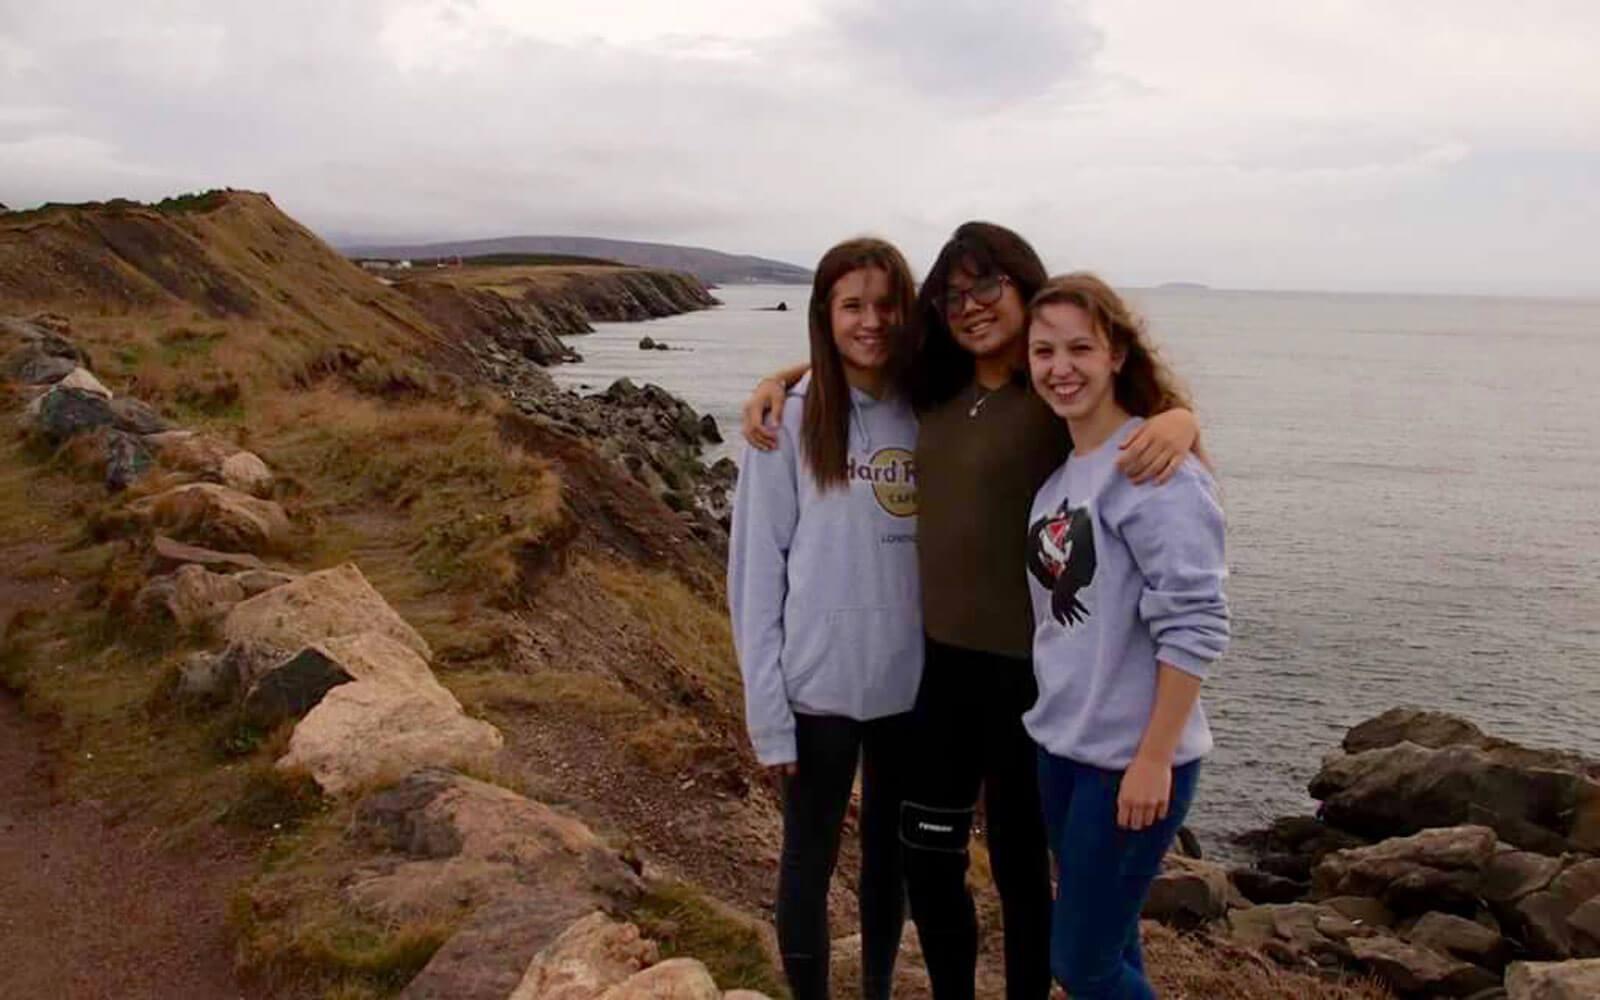 Merle mit Gastschwestern am Cape Breton